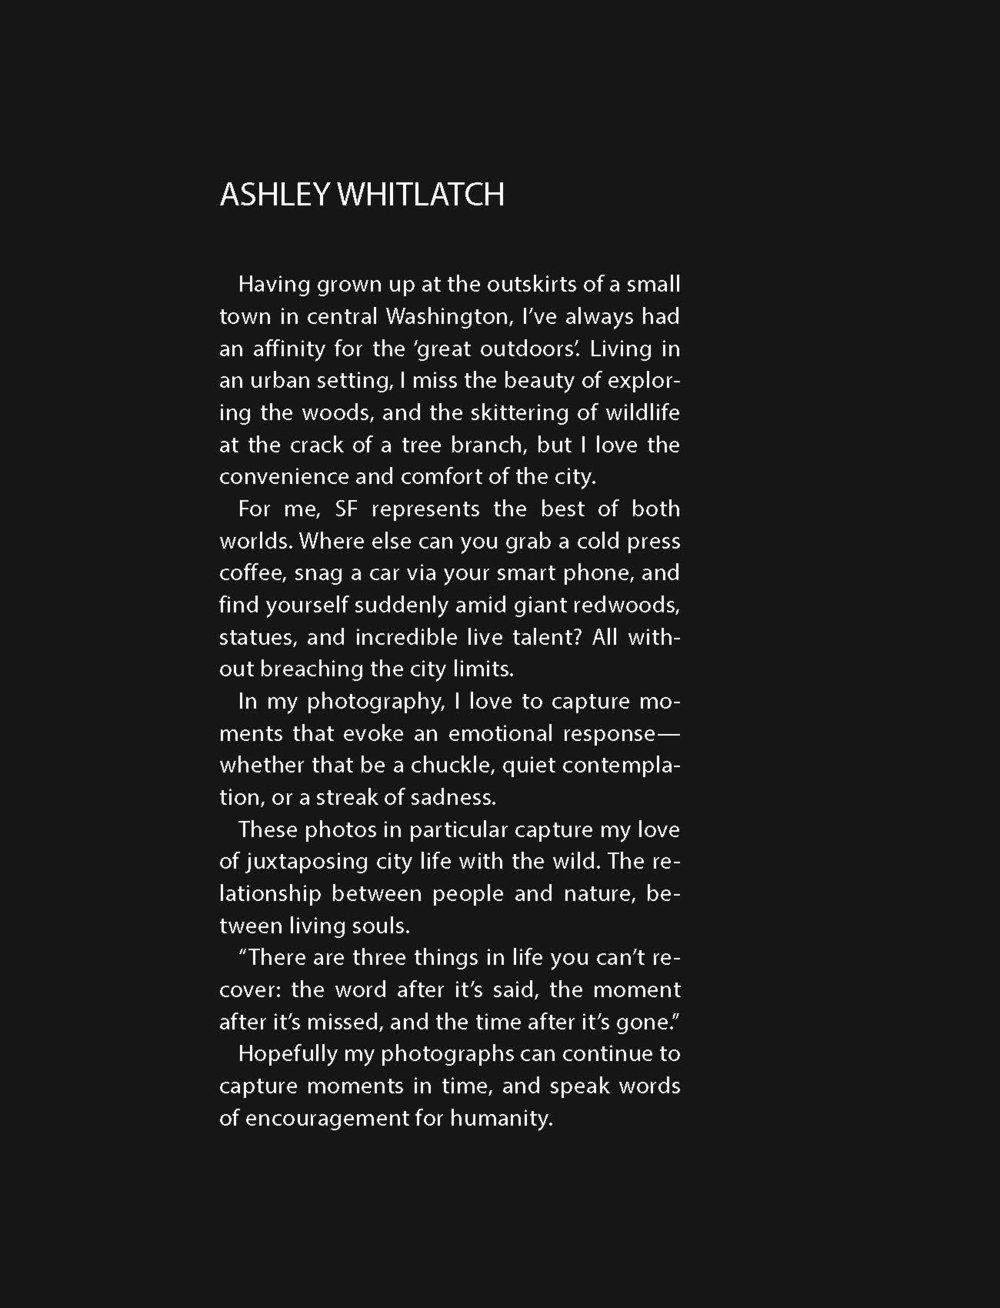 Ashley Whitlatch PhotoBook_Page_1.jpg